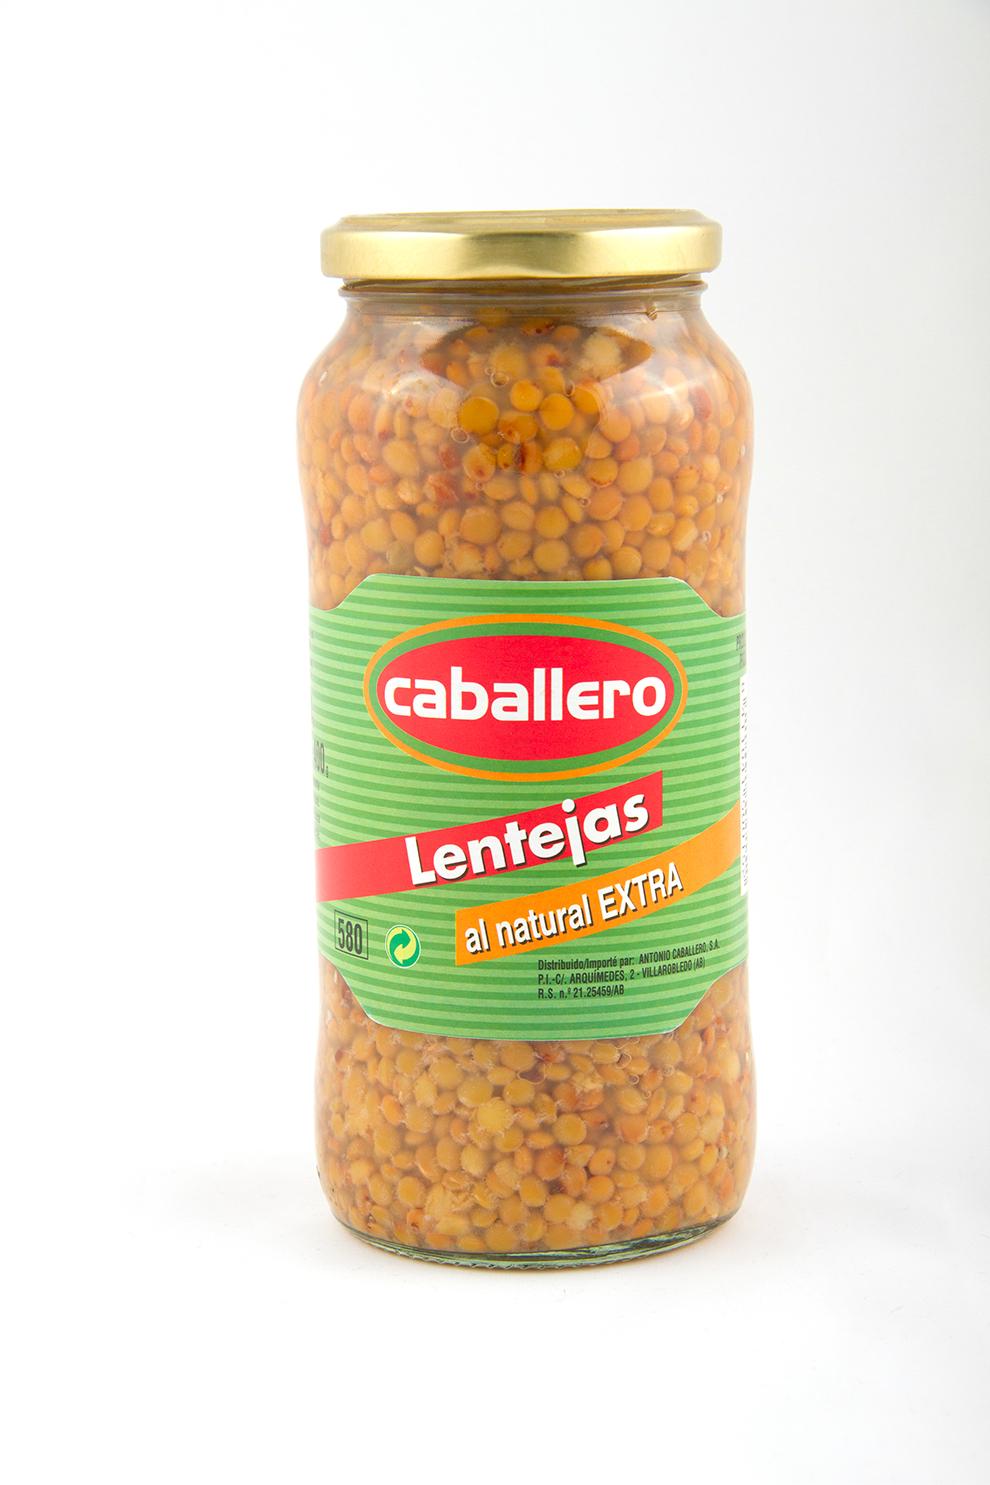 Lentejas cocidas frasco legumbres caballero for Cocinar lentejas de bote